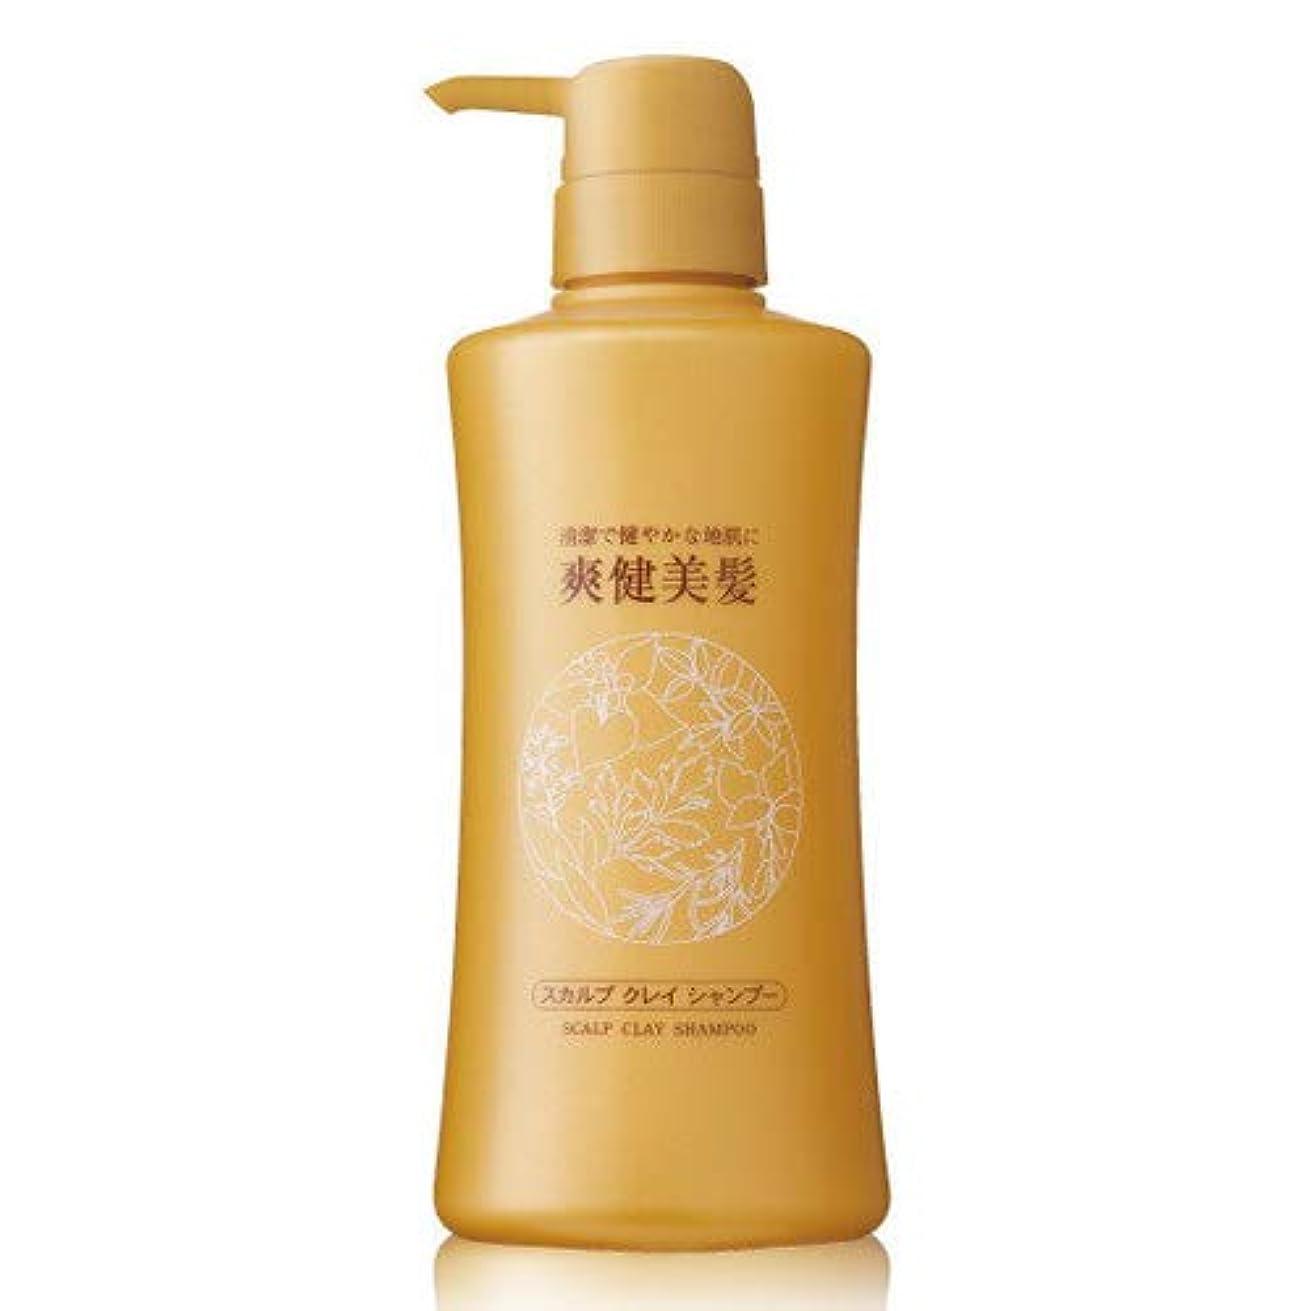 熱帯の荷物量でエビス化粧品(EBiS) 爽健美髪スカルプクレイシャンプーN